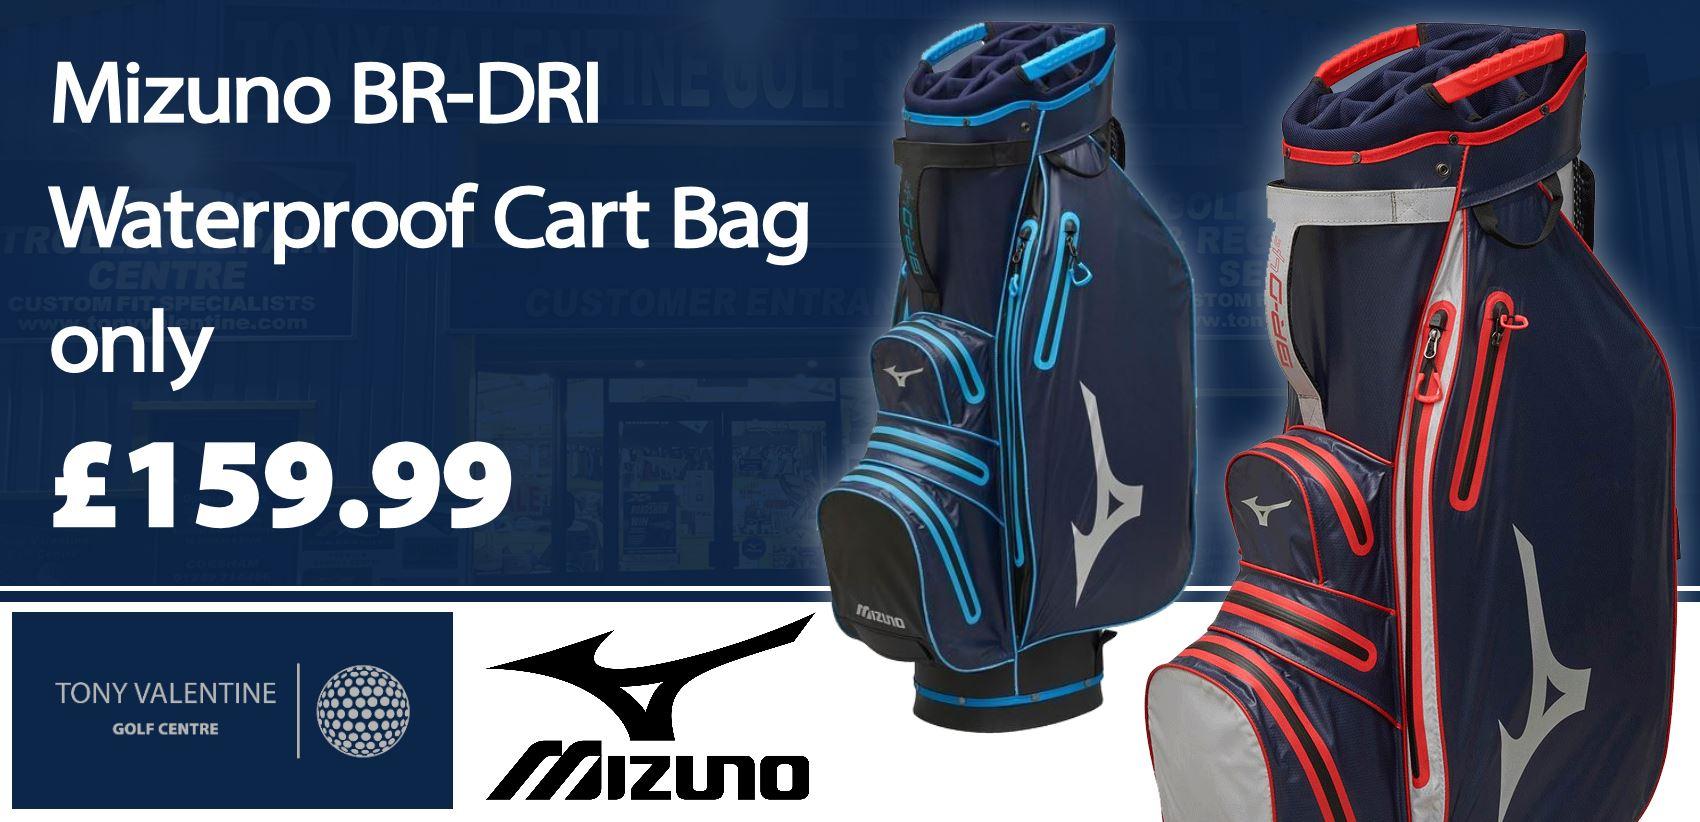 Mizuno Br-Dri Waterproof Cart Bag